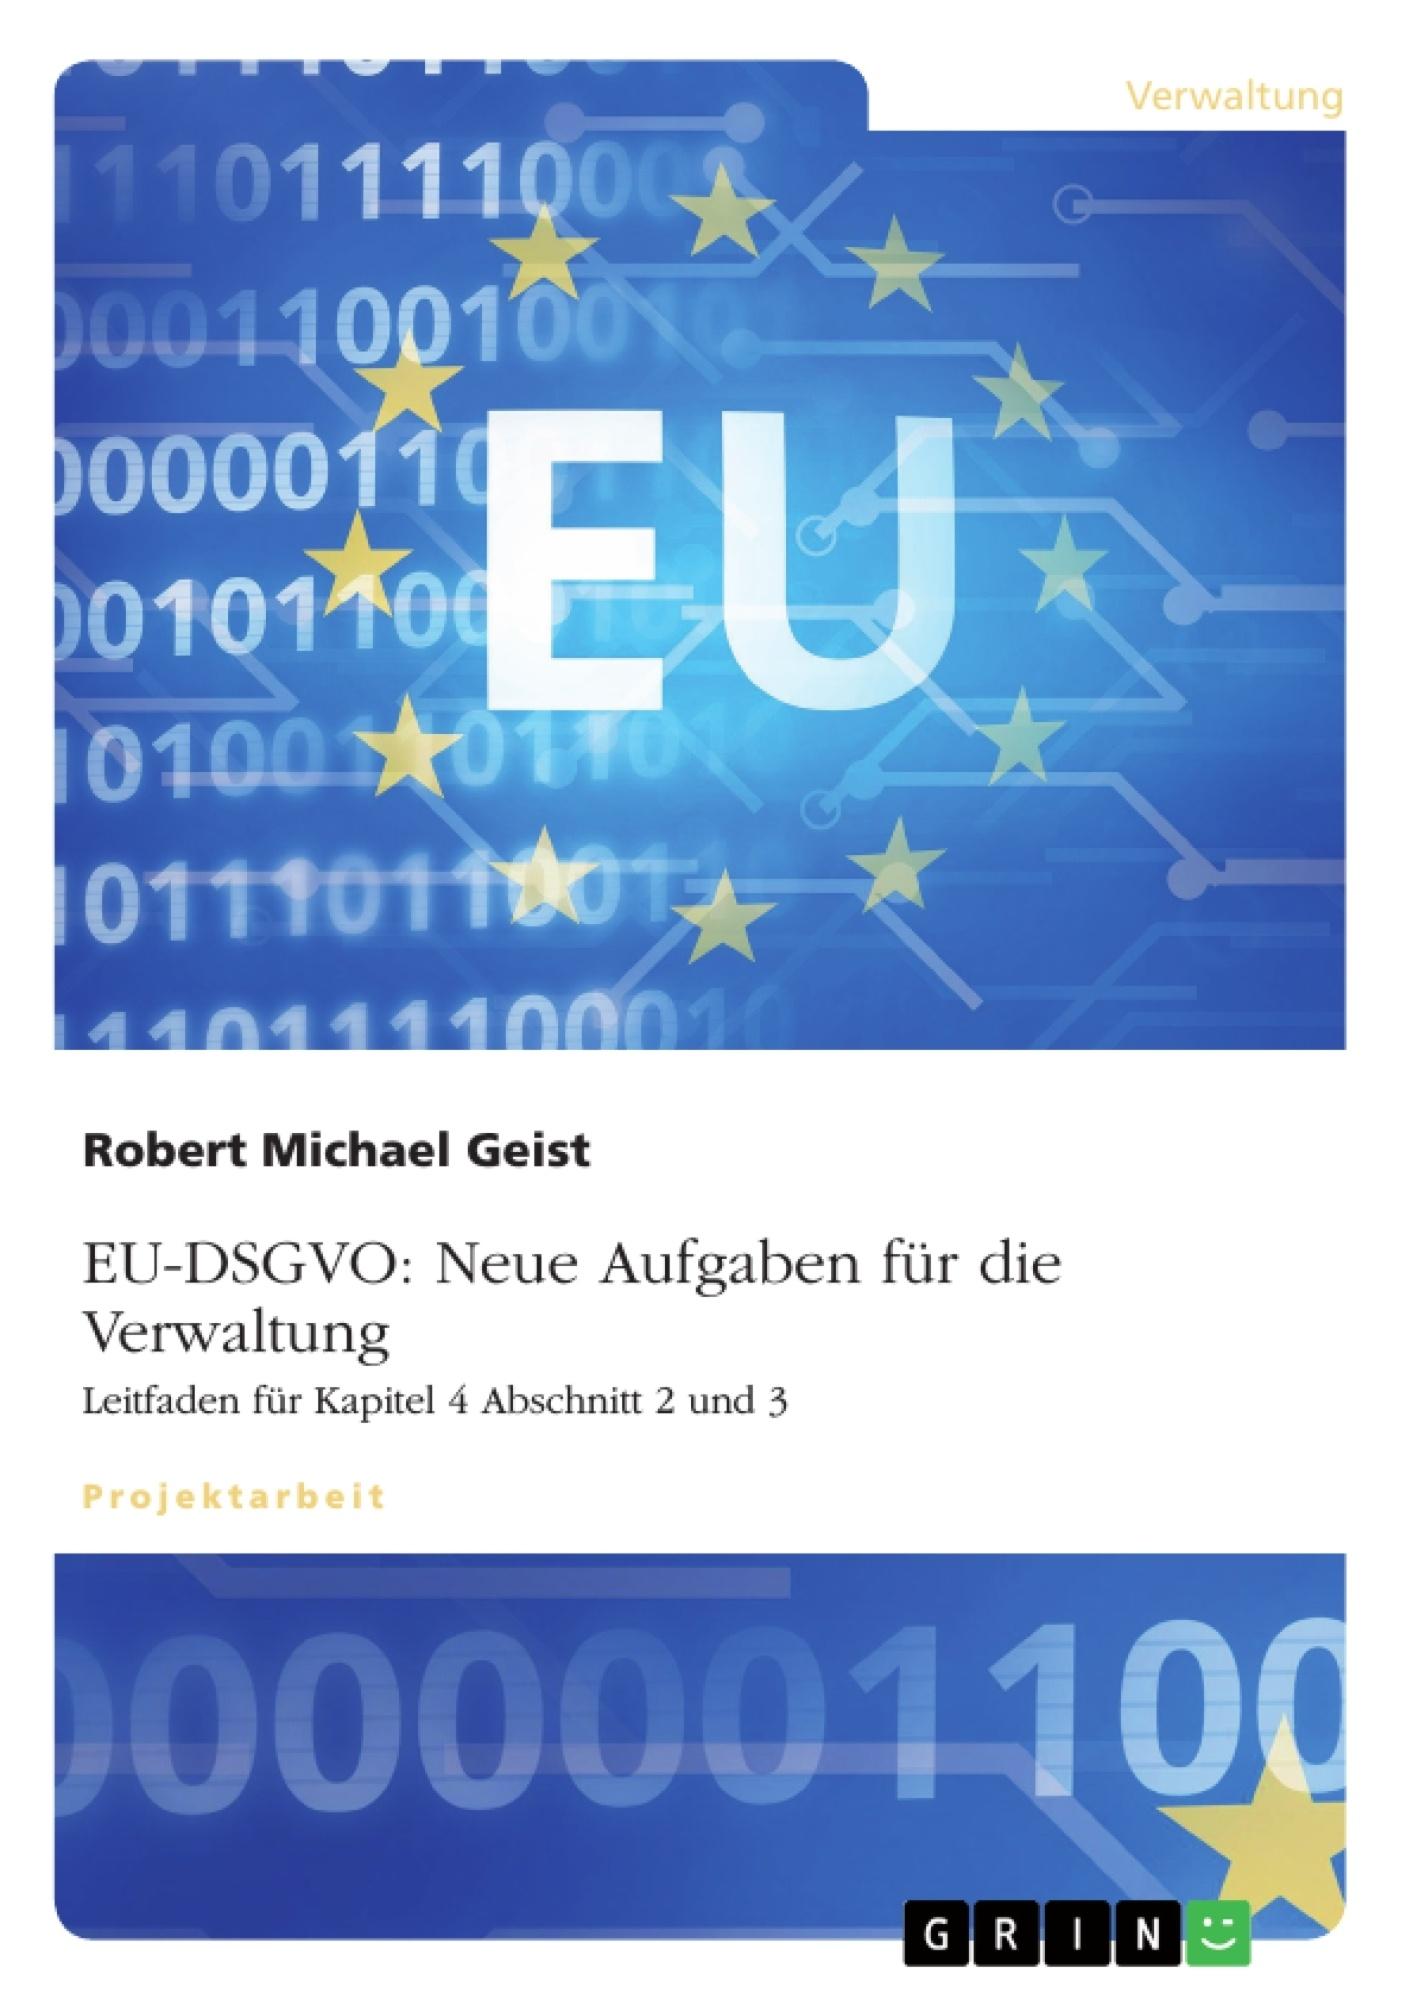 Titel: EU-DSGVO: Neue Aufgaben für die Verwaltung. Leitfaden für Kapitel 4 Abschnitt 2 und 3